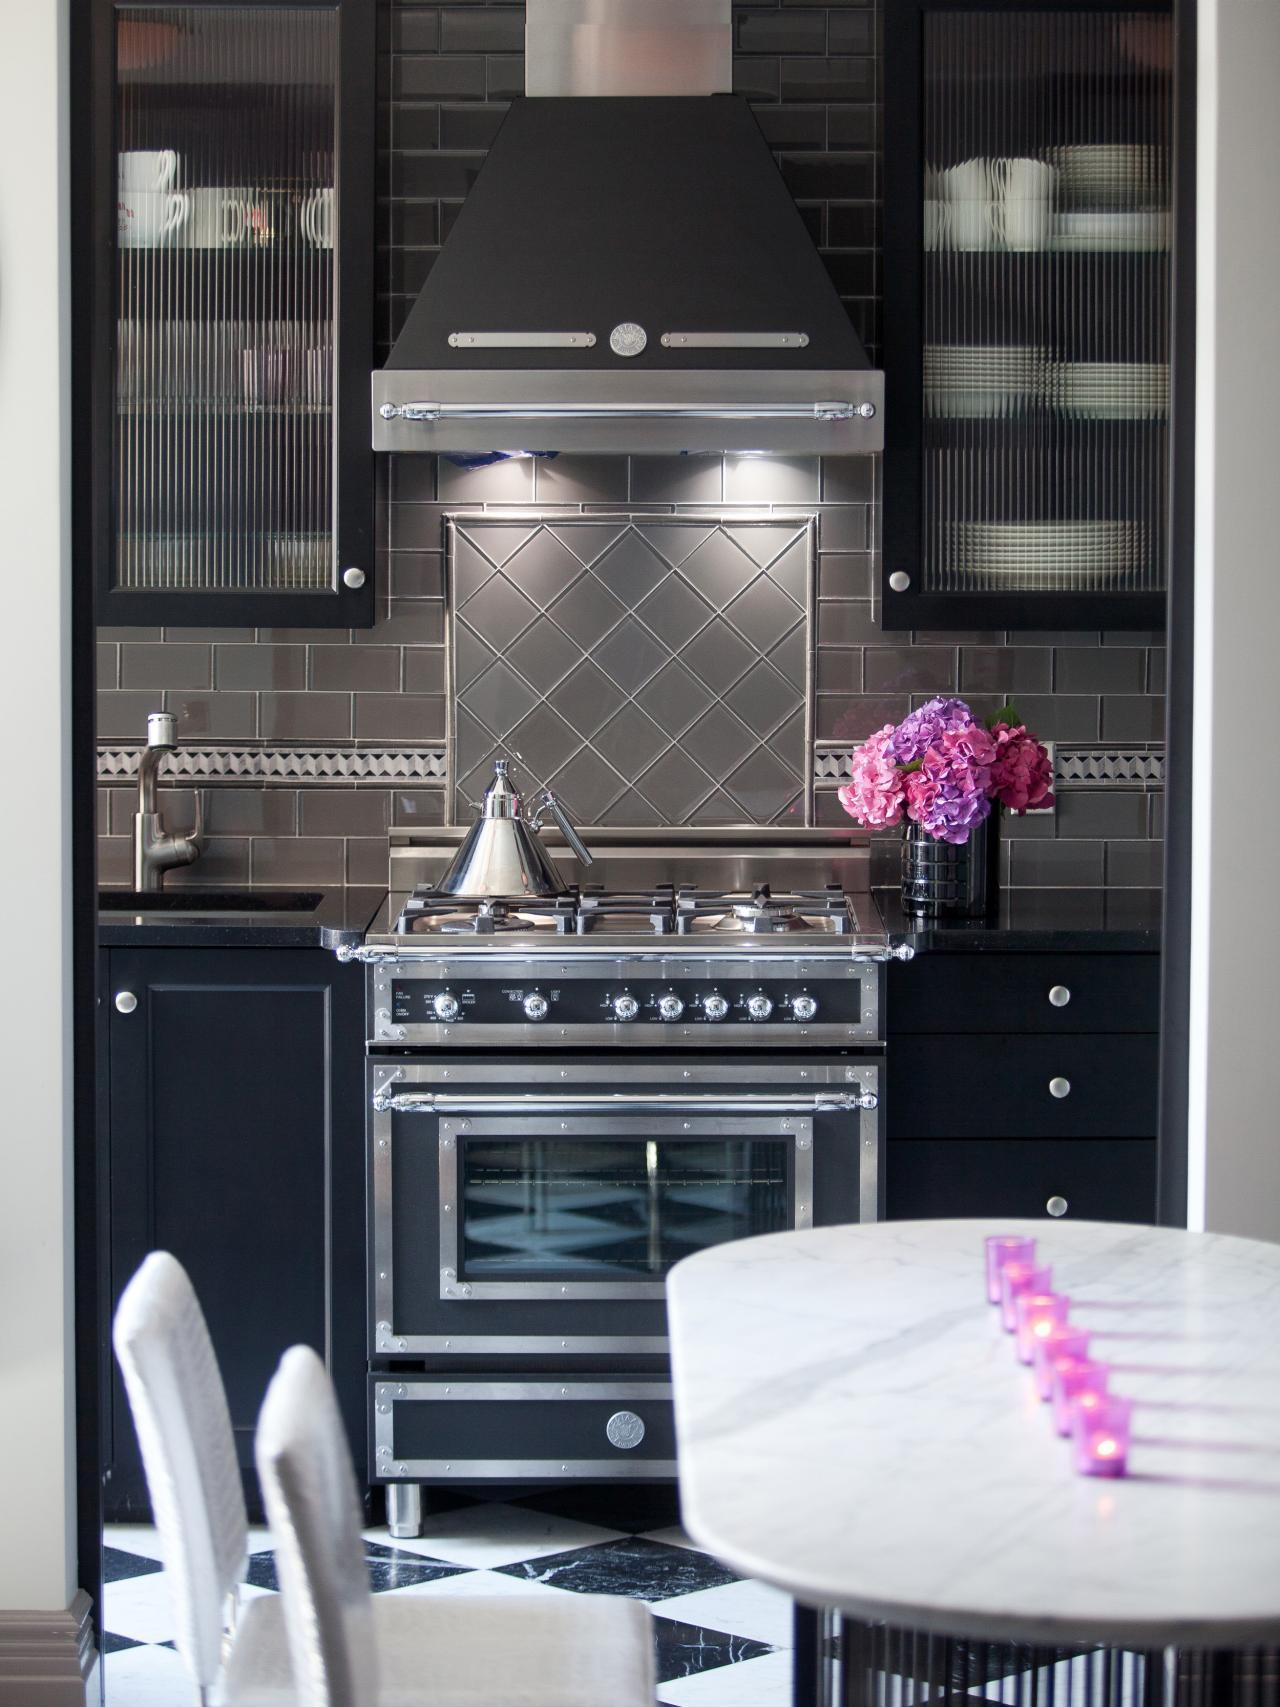 Cocina en color negro y blanco